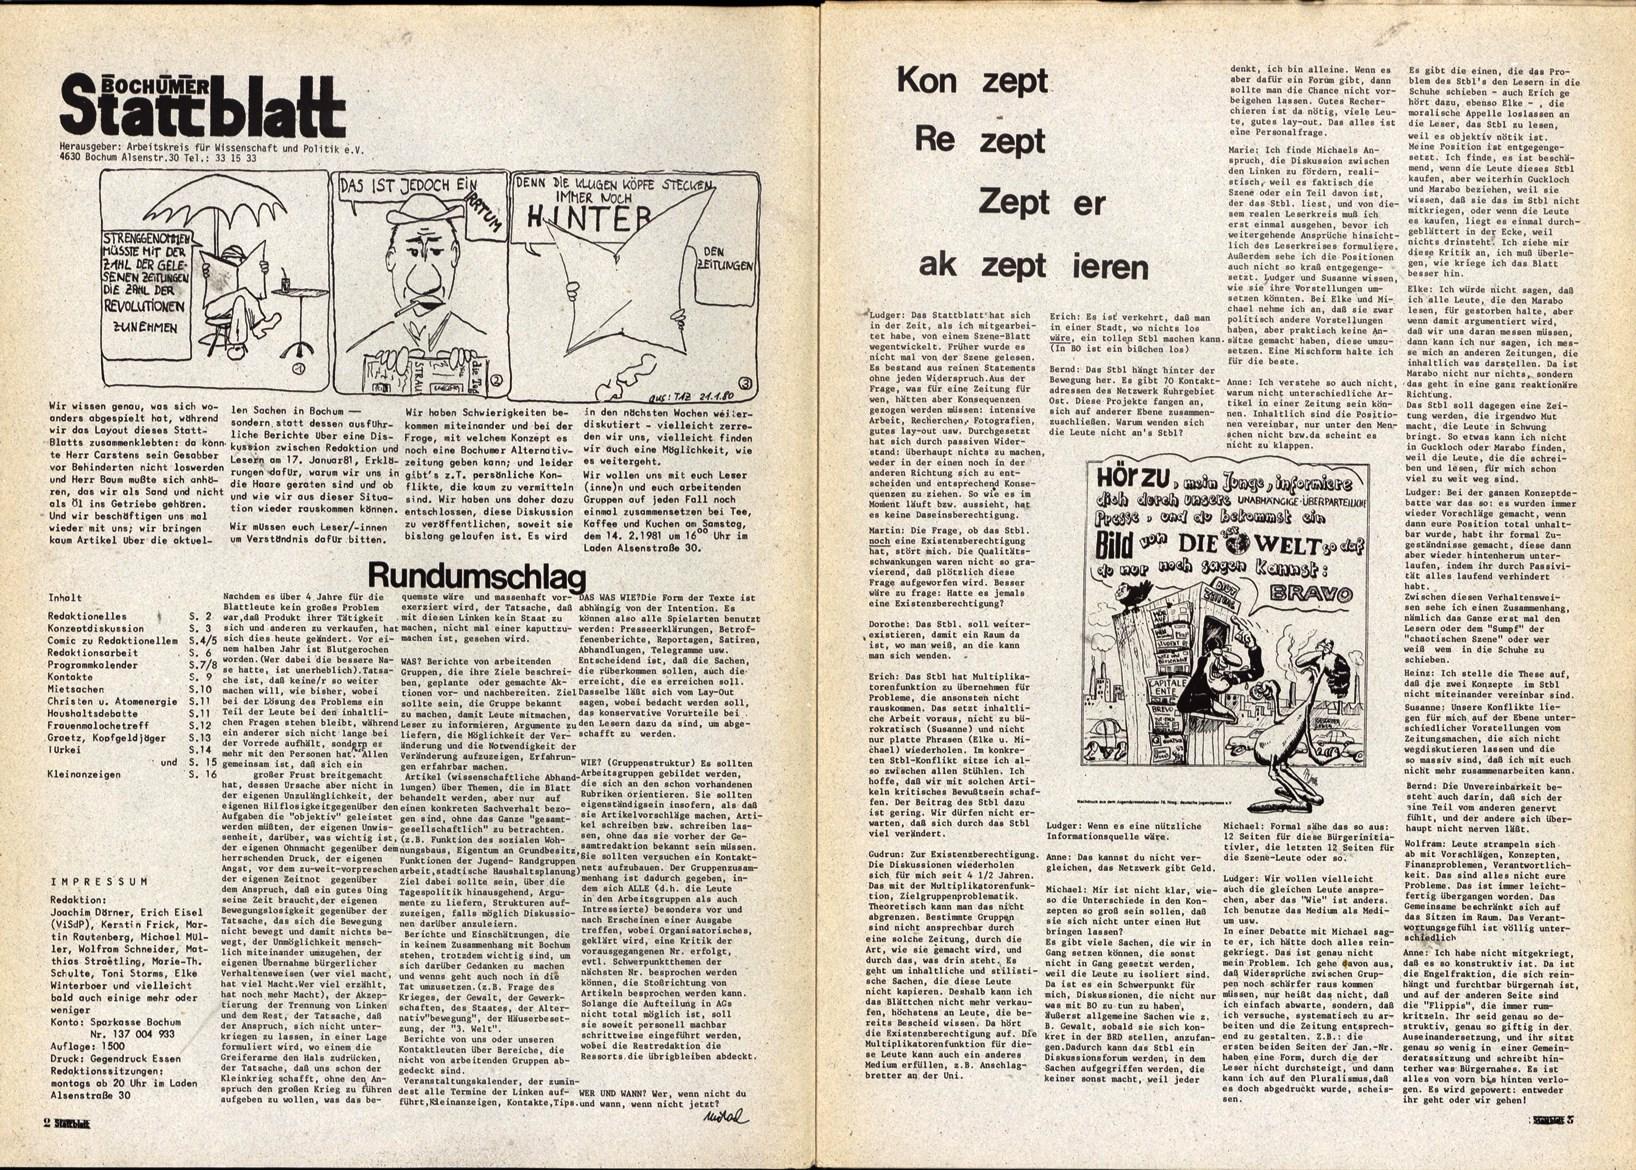 Bochum_Stattblatt_19810200_45_02